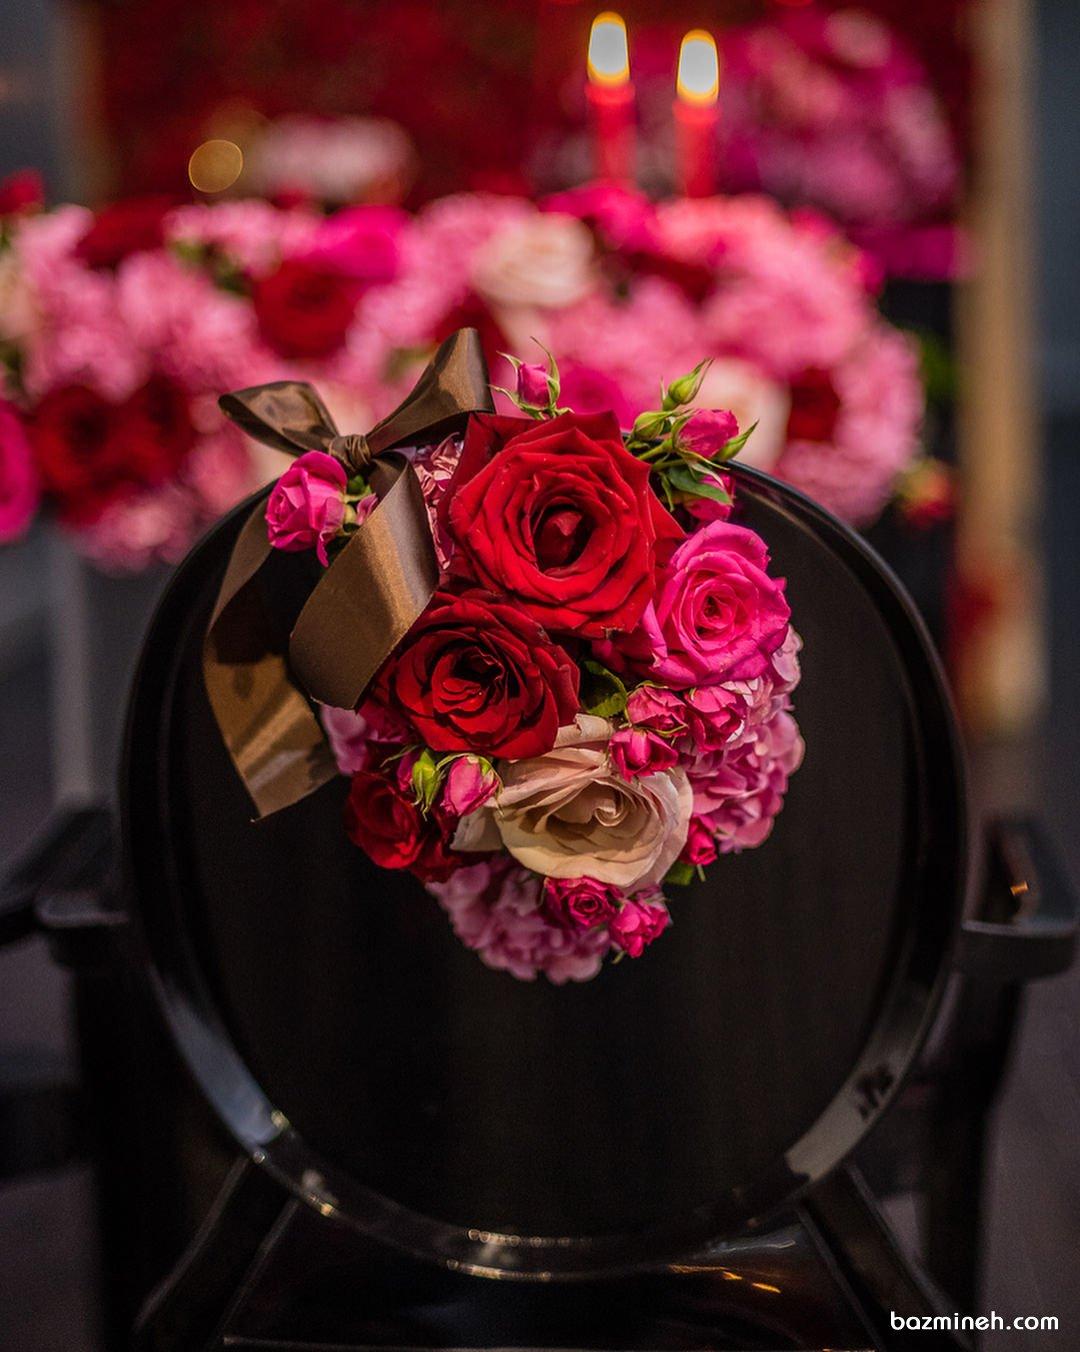 تزیین زیبای صندلی های جشن با گل های رز طبیعی